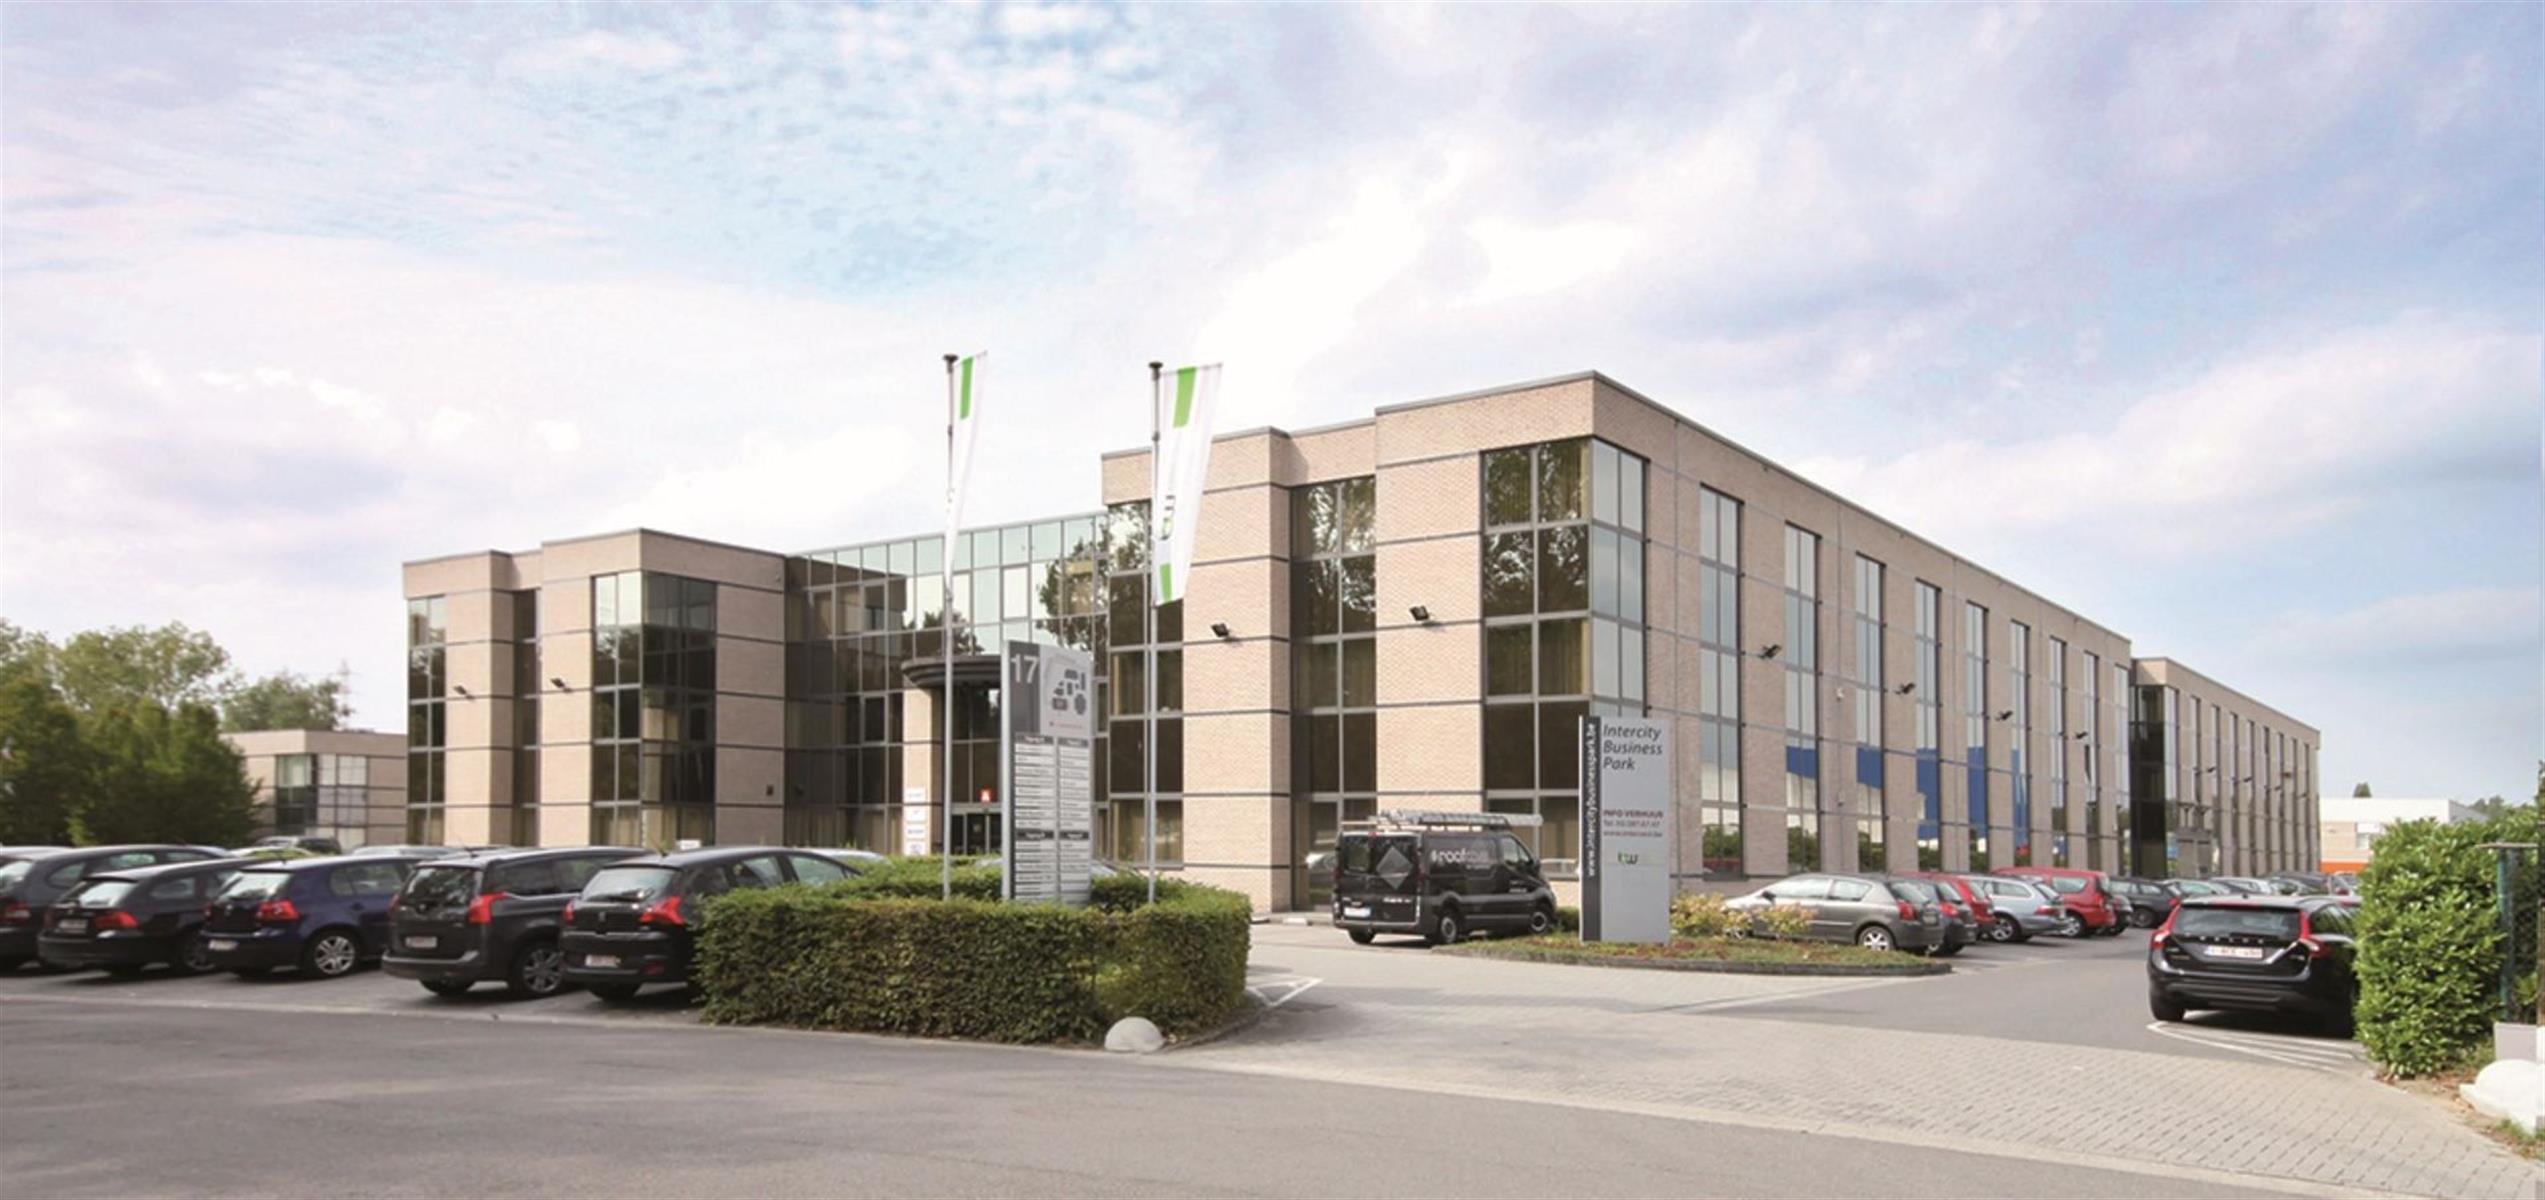 kantoor te huur I126 - 17B - unit 2/R - Generaal de Wittelaan 17, 2800 Mechelen, België 1